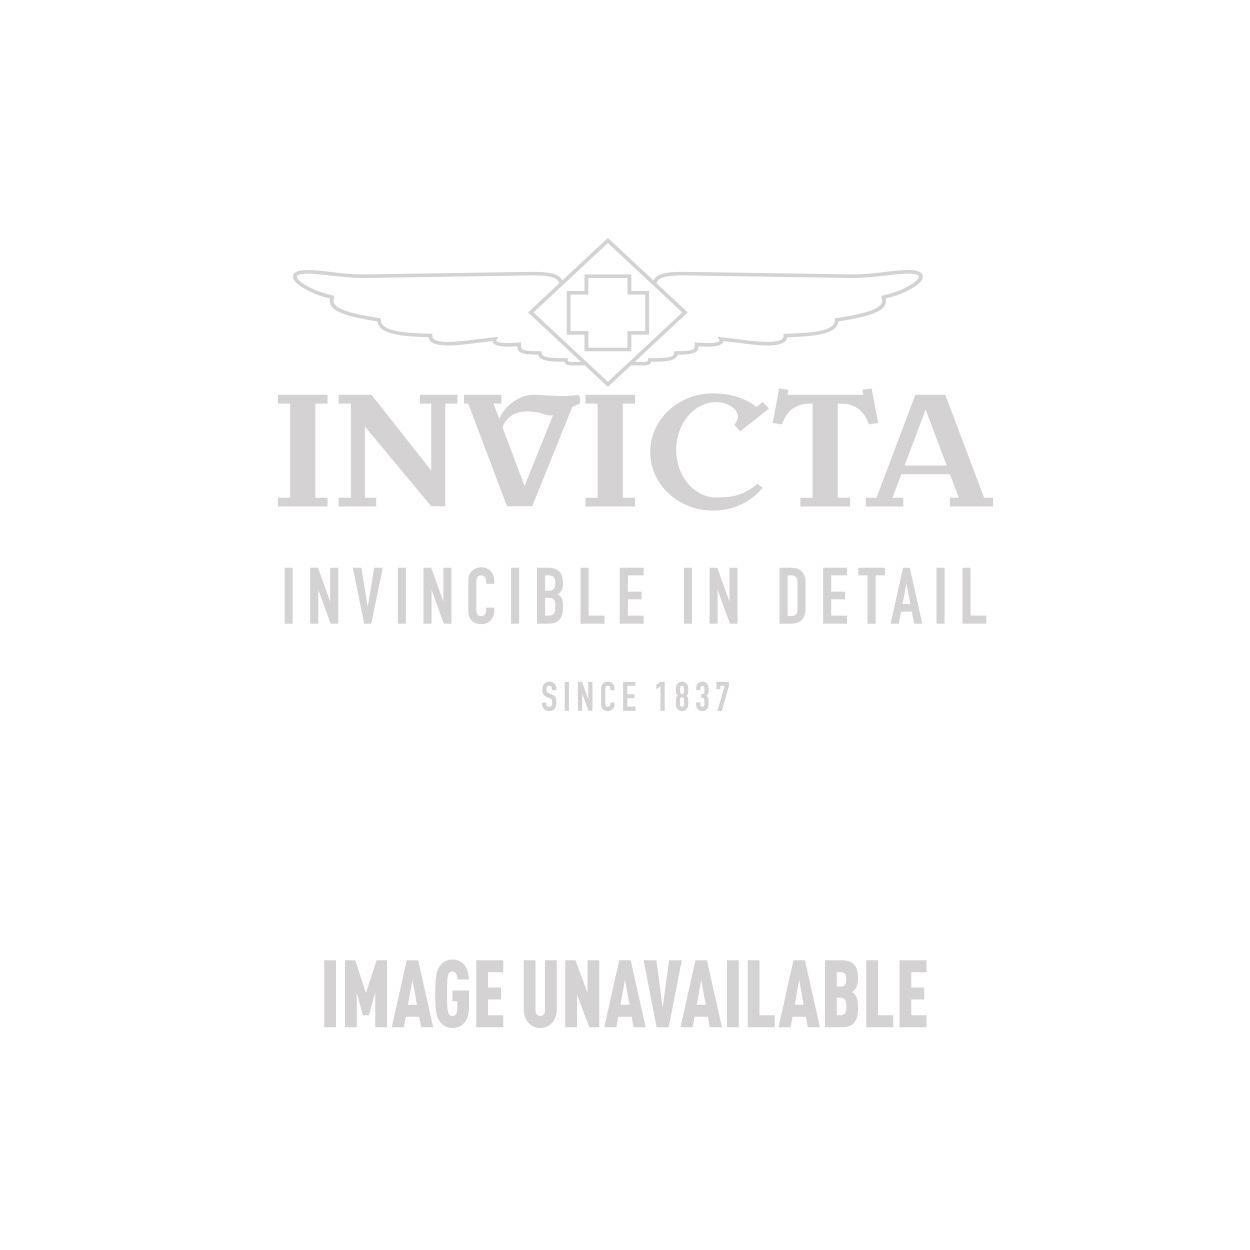 Invicta Model 29407